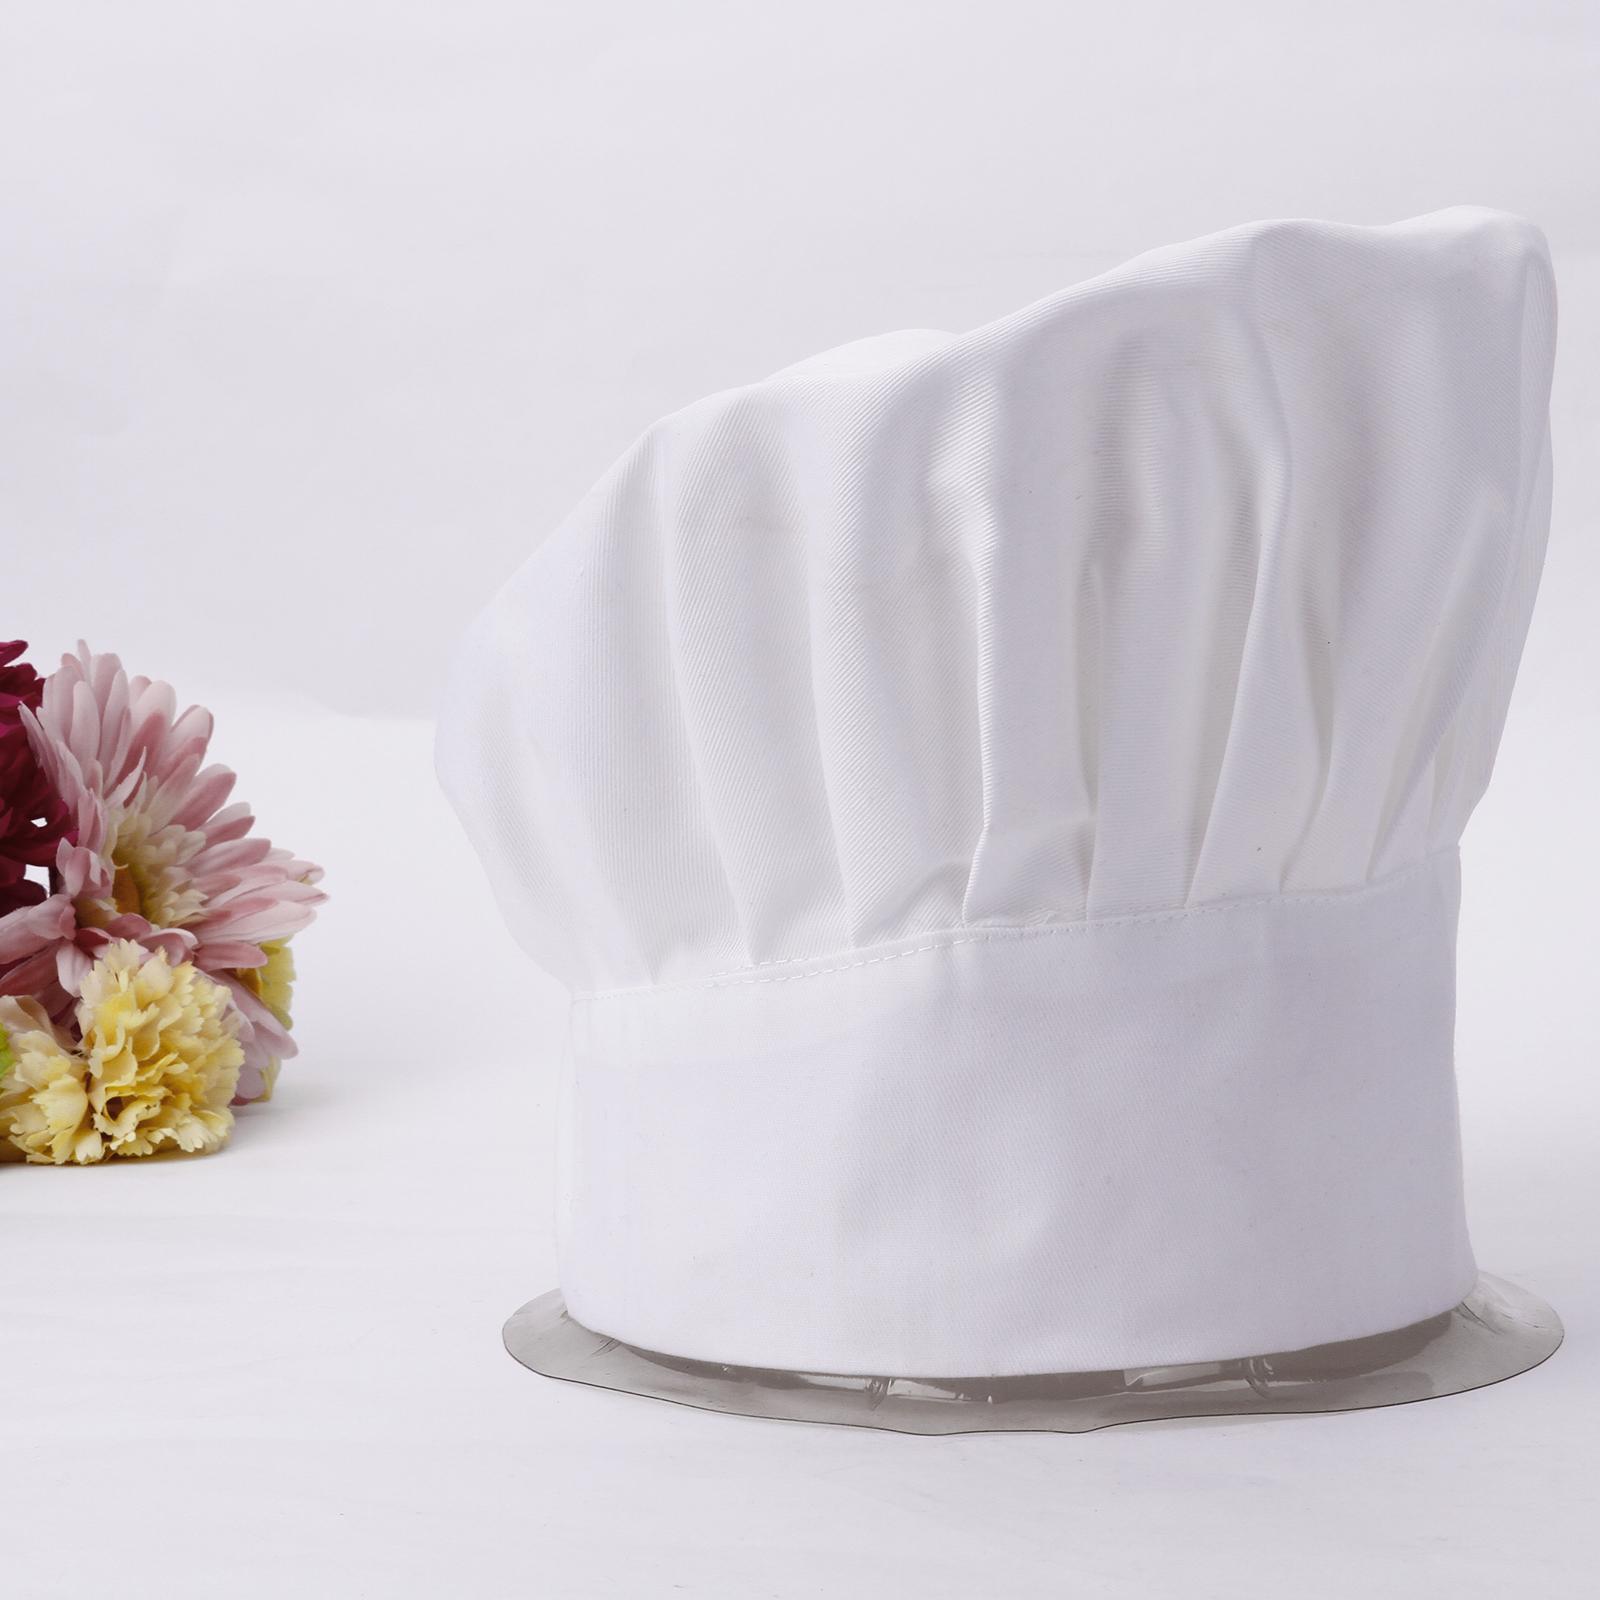 Professionale cappello da cuoco cucina. Una misura più adatta! Con fascia  elastica nella parte posteriore. Ideale per collegi 2a899556f46b